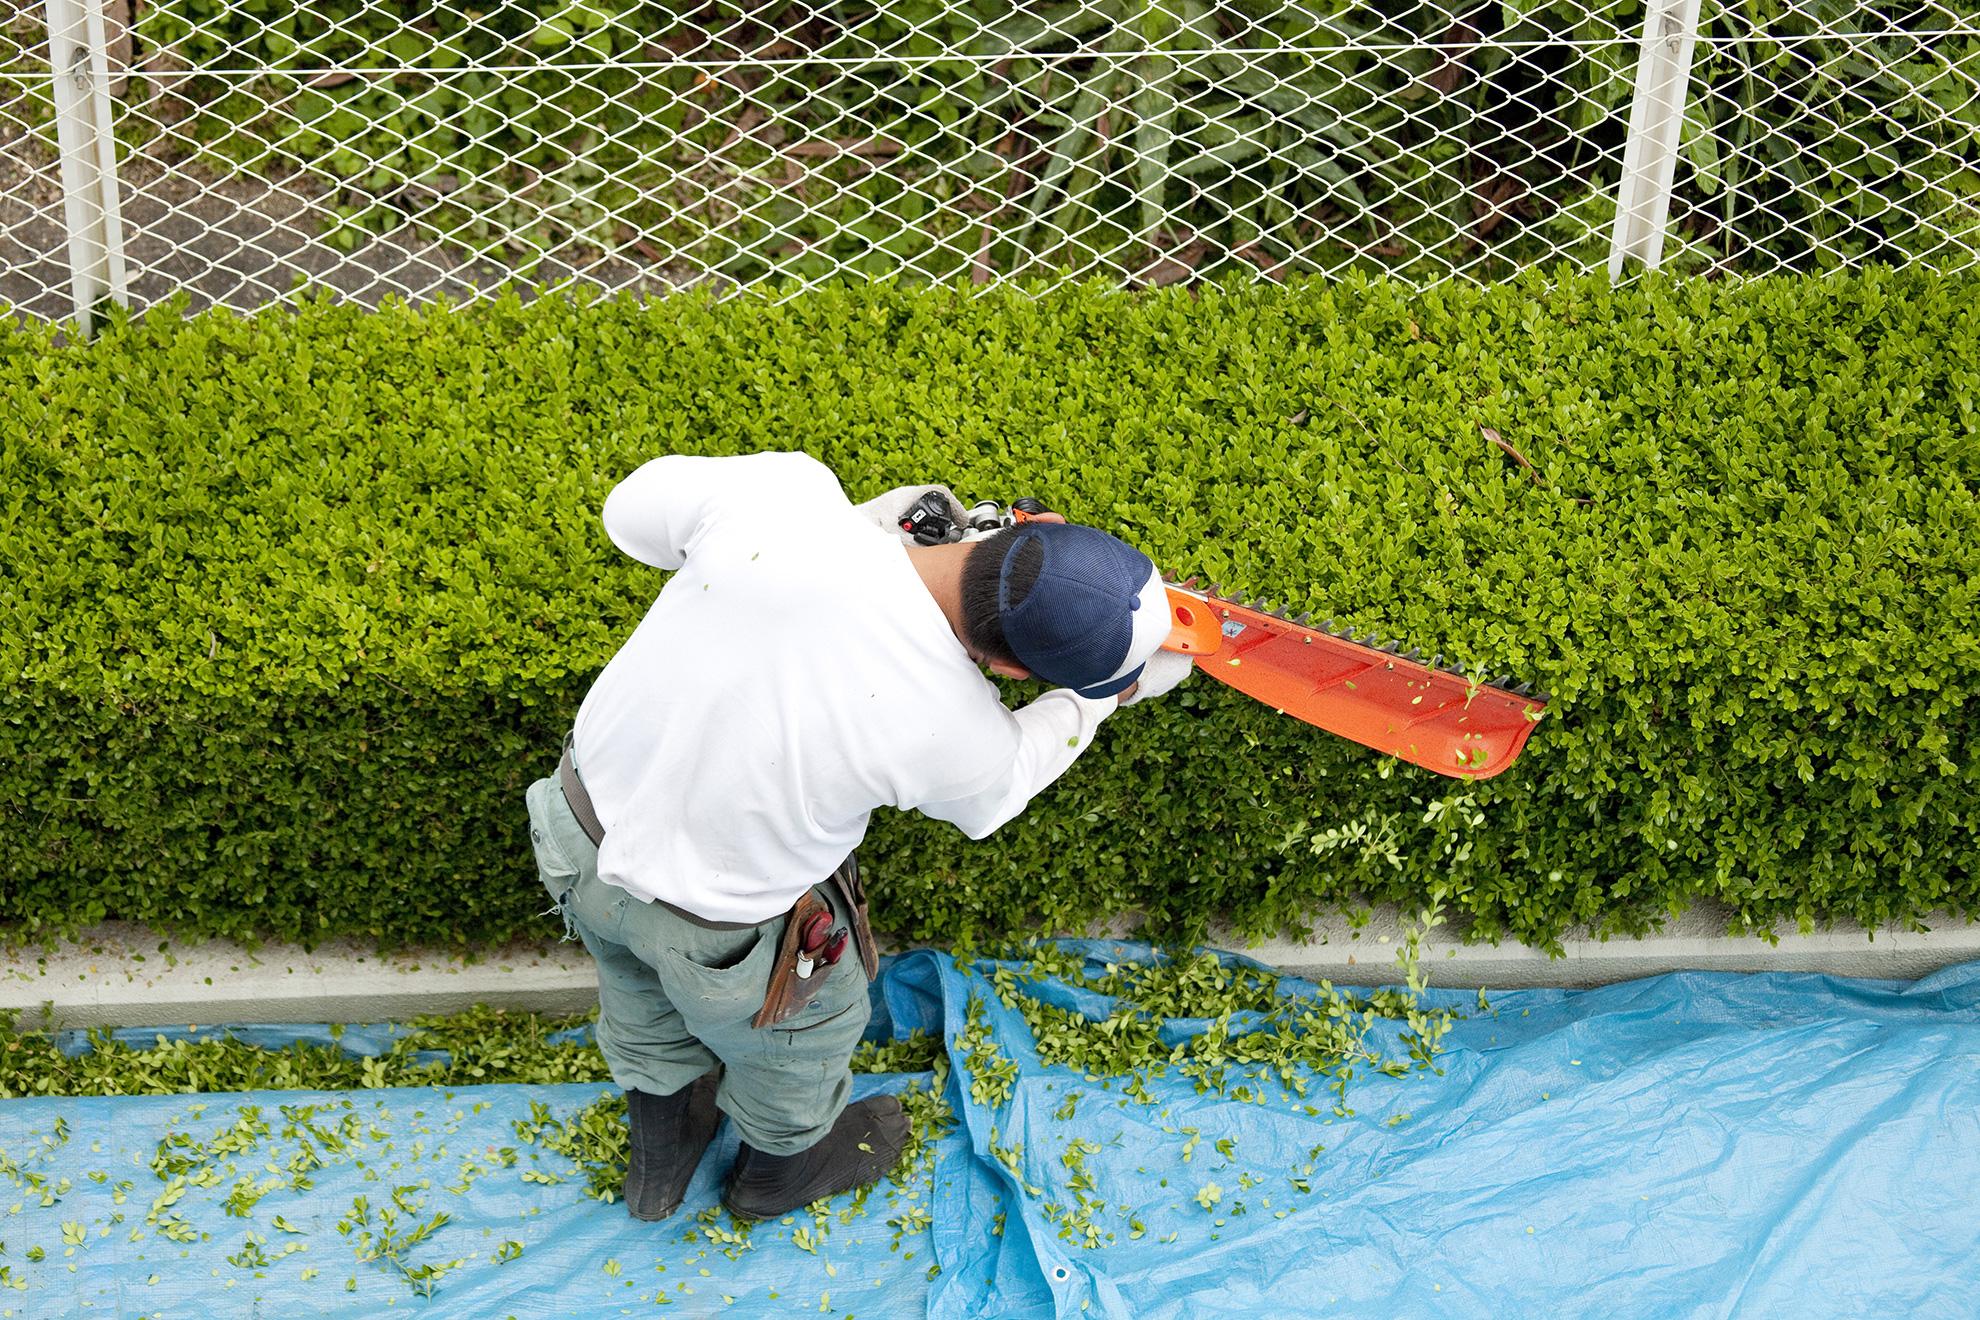 Prizma FM Zrt.: Kertészet, Növénygondozás, Zöldterületkarbantartás, Fűnyírás, Öntözés, Hótakarítás a Prizma Csoporttól. Növénygondozás, kaszálás, hóeltakarítás komplex megoldás! Modern gépparkunk és felkészült munkatársaink segítségével a legváratlanabb helyzetekben is hatékonyan tudjuk ügyfeleink igényeit kielégíteni.